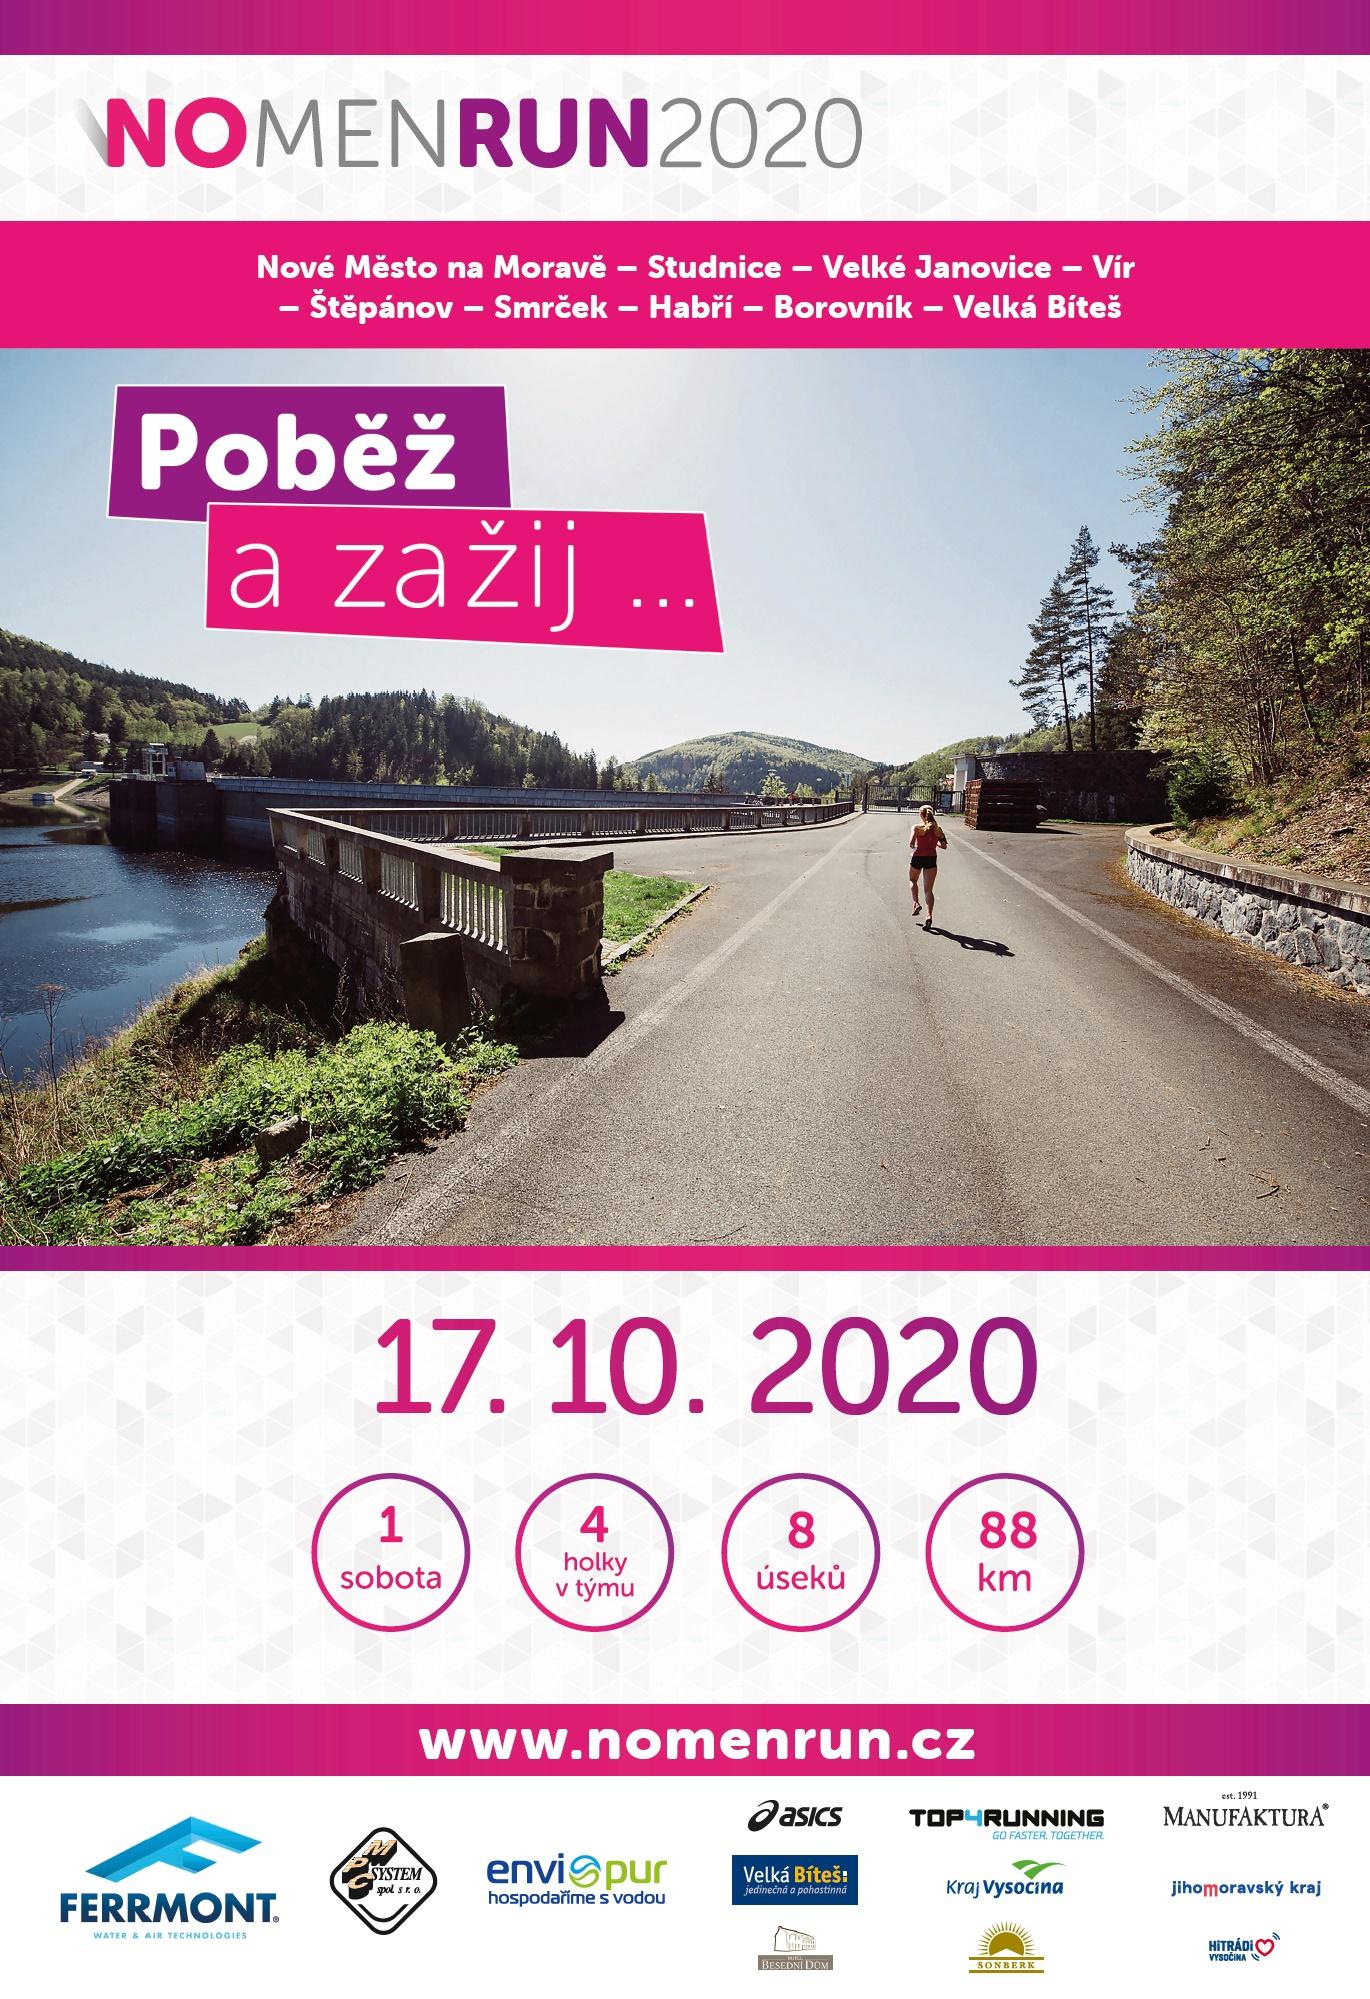 nomen run 2020